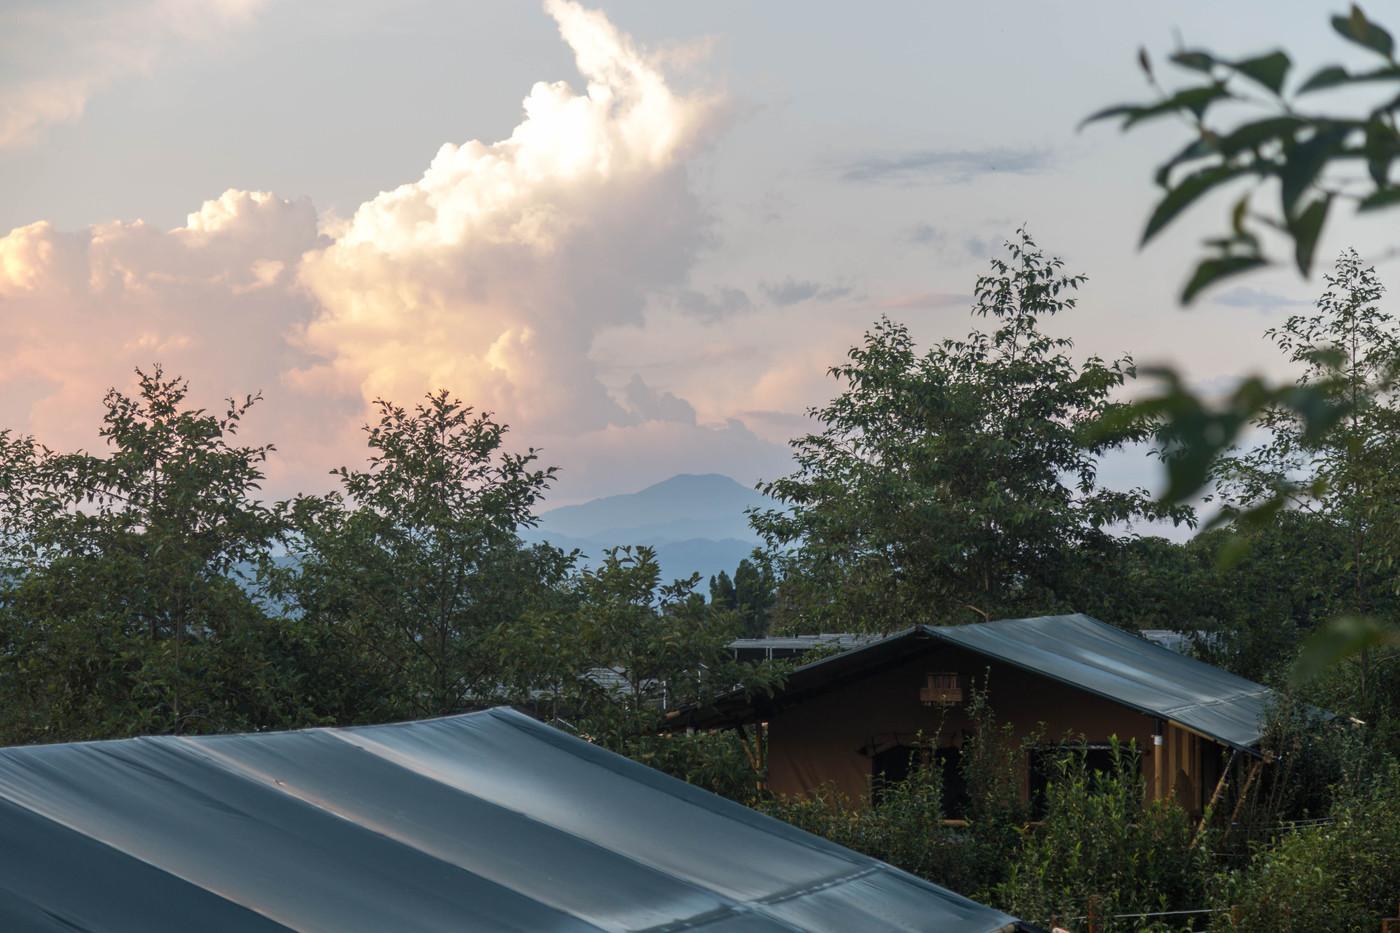 喜马拉雅野奢帐篷酒店—云南腾冲高黎贡山茶博园26